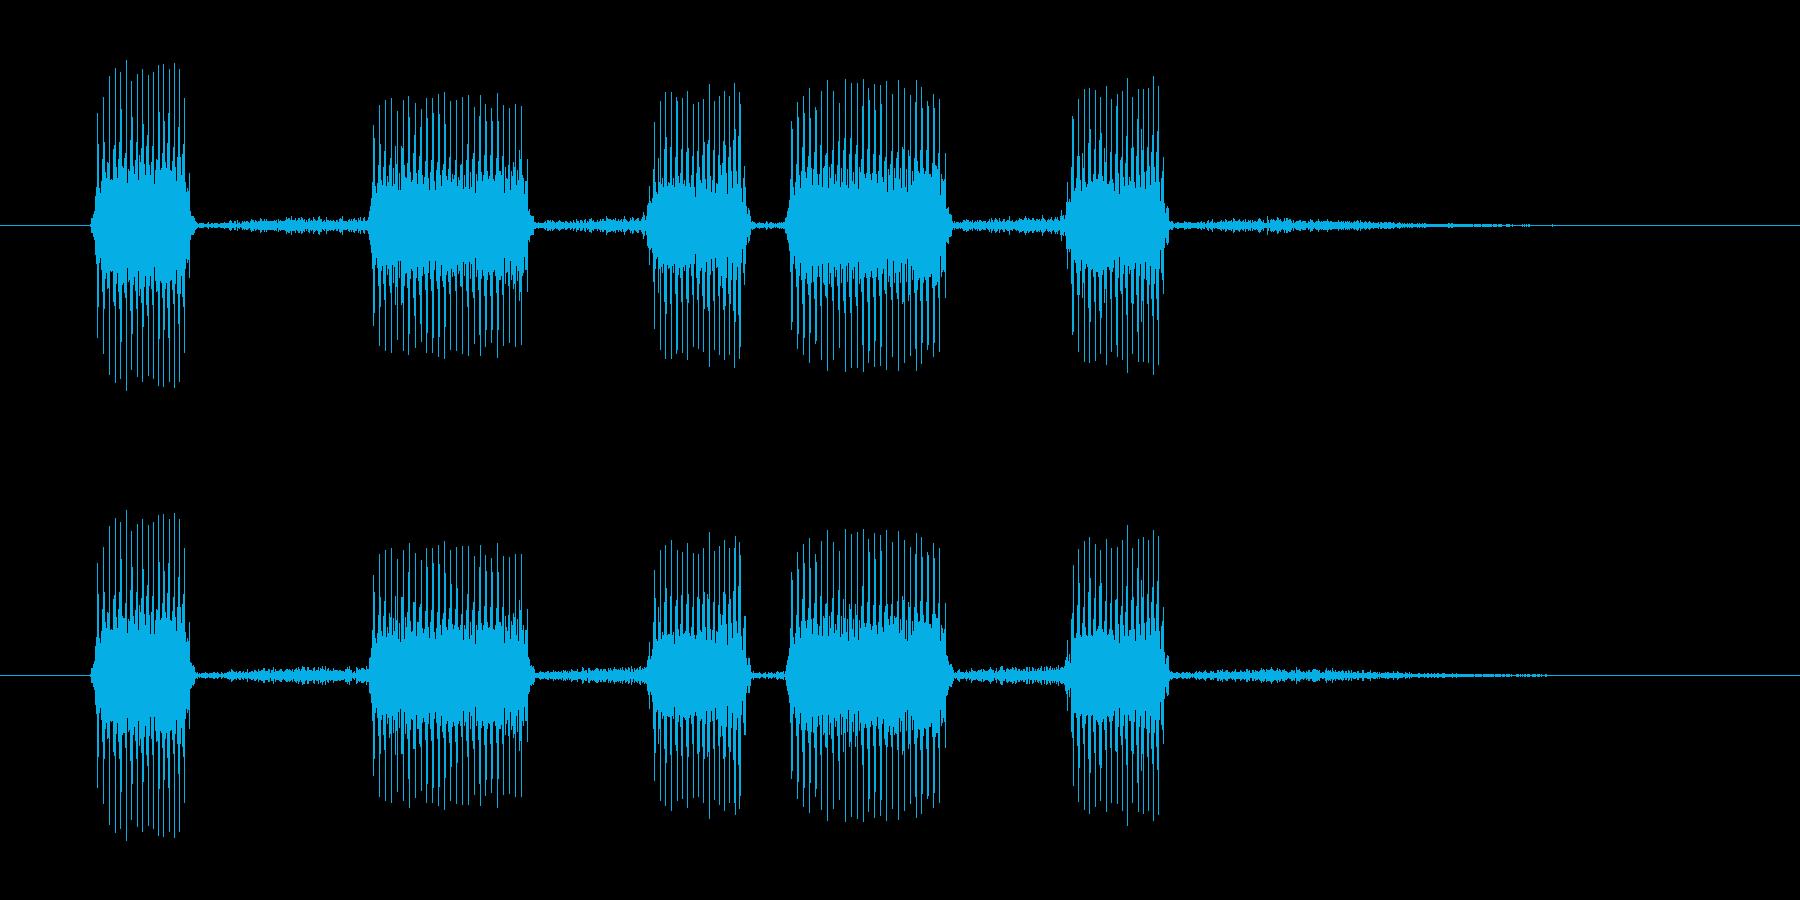 おもちゃラッパ・子供のサンダルみたいな音の再生済みの波形